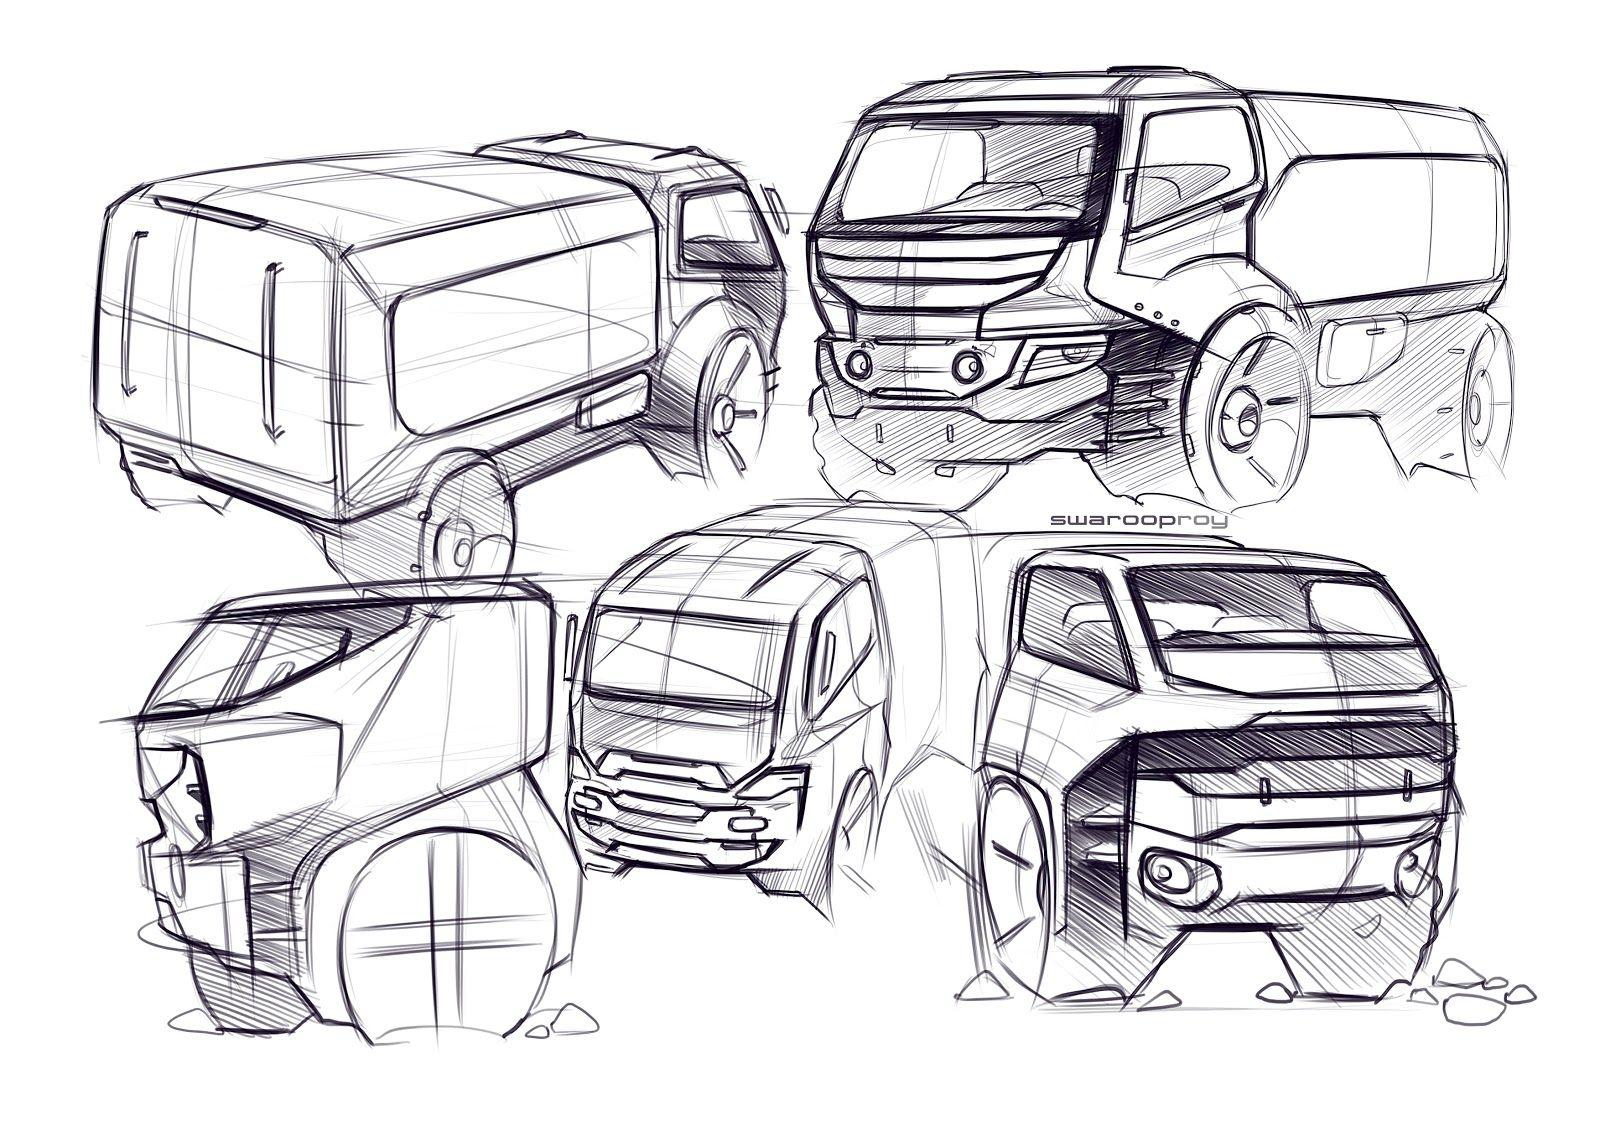 truck sketches by Swaroop Roy | DESIGN SKETCHES | Pinterest | Zeichnen